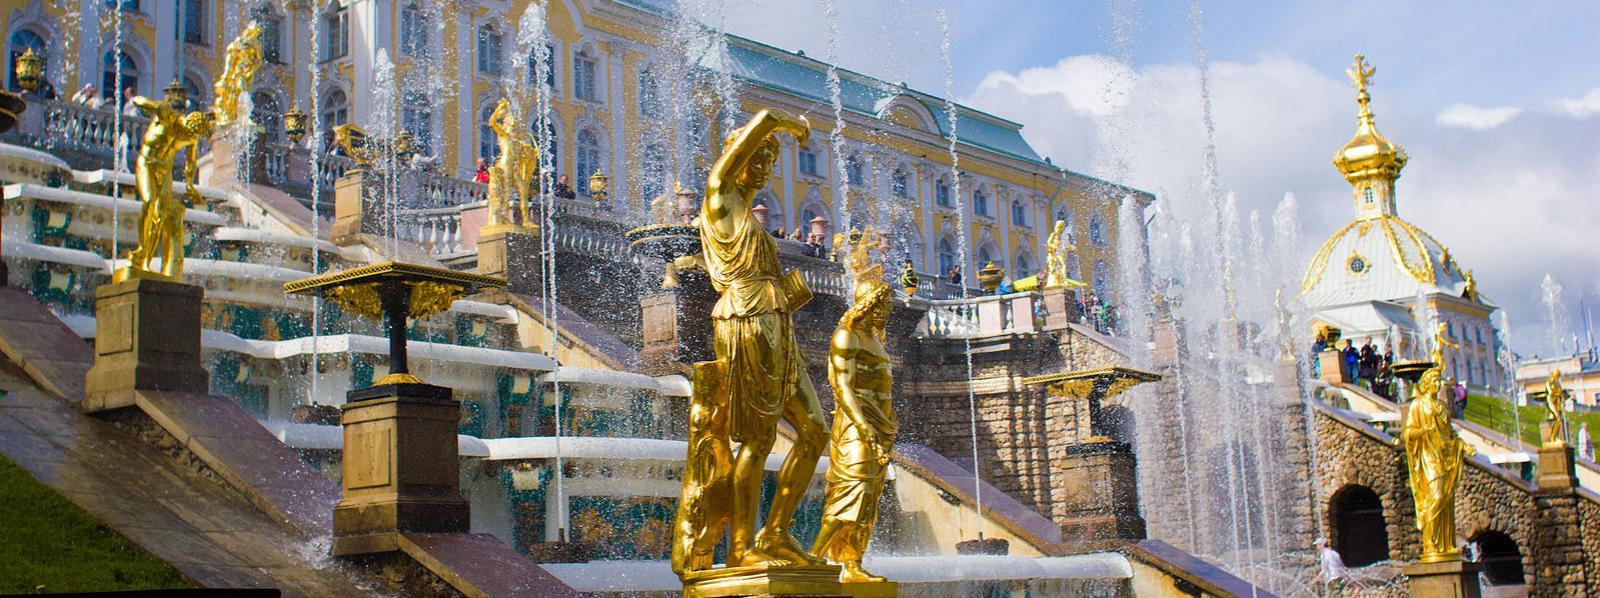 Summer Palace at St. Petersburg